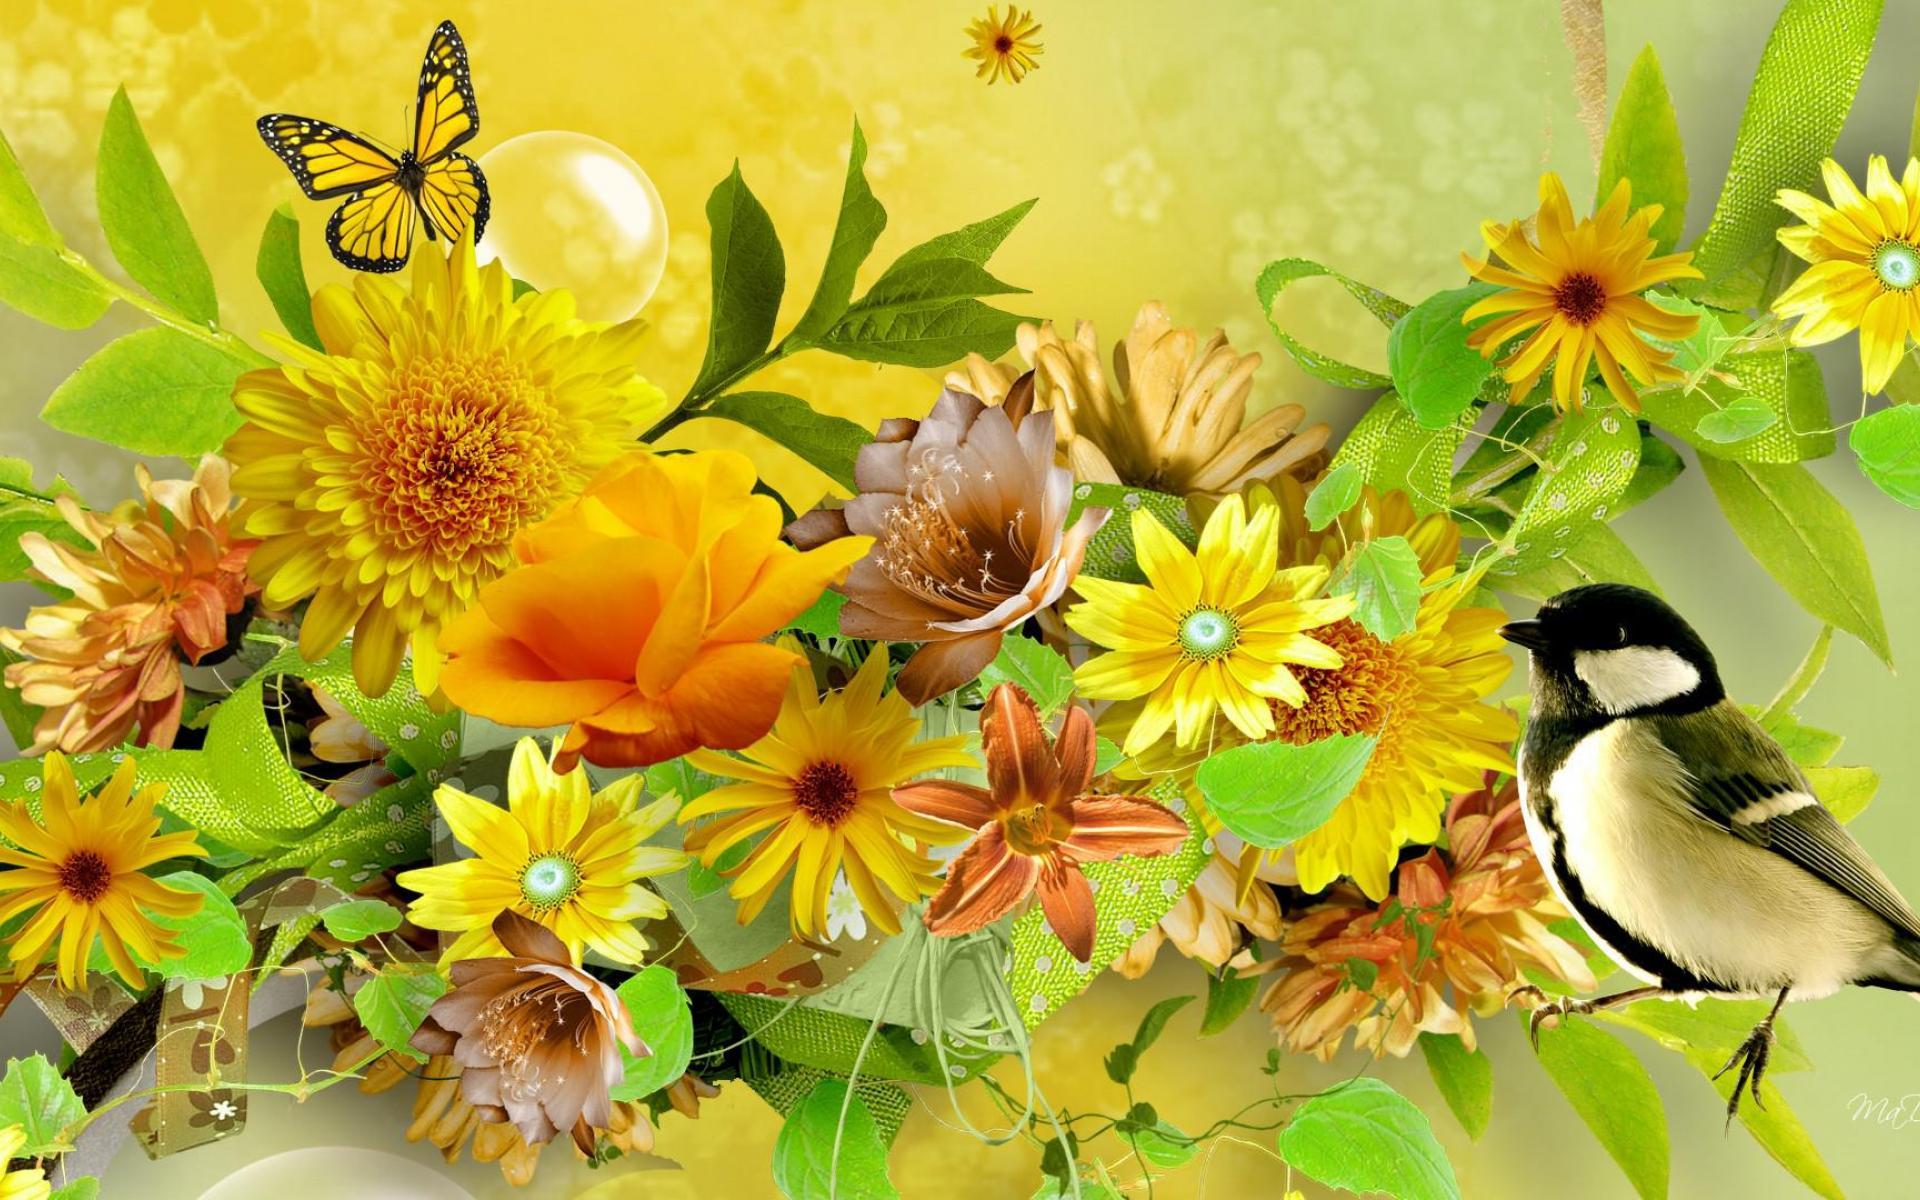 Племяшка, красивые картинки с цветами бабочками птичками росой дождем